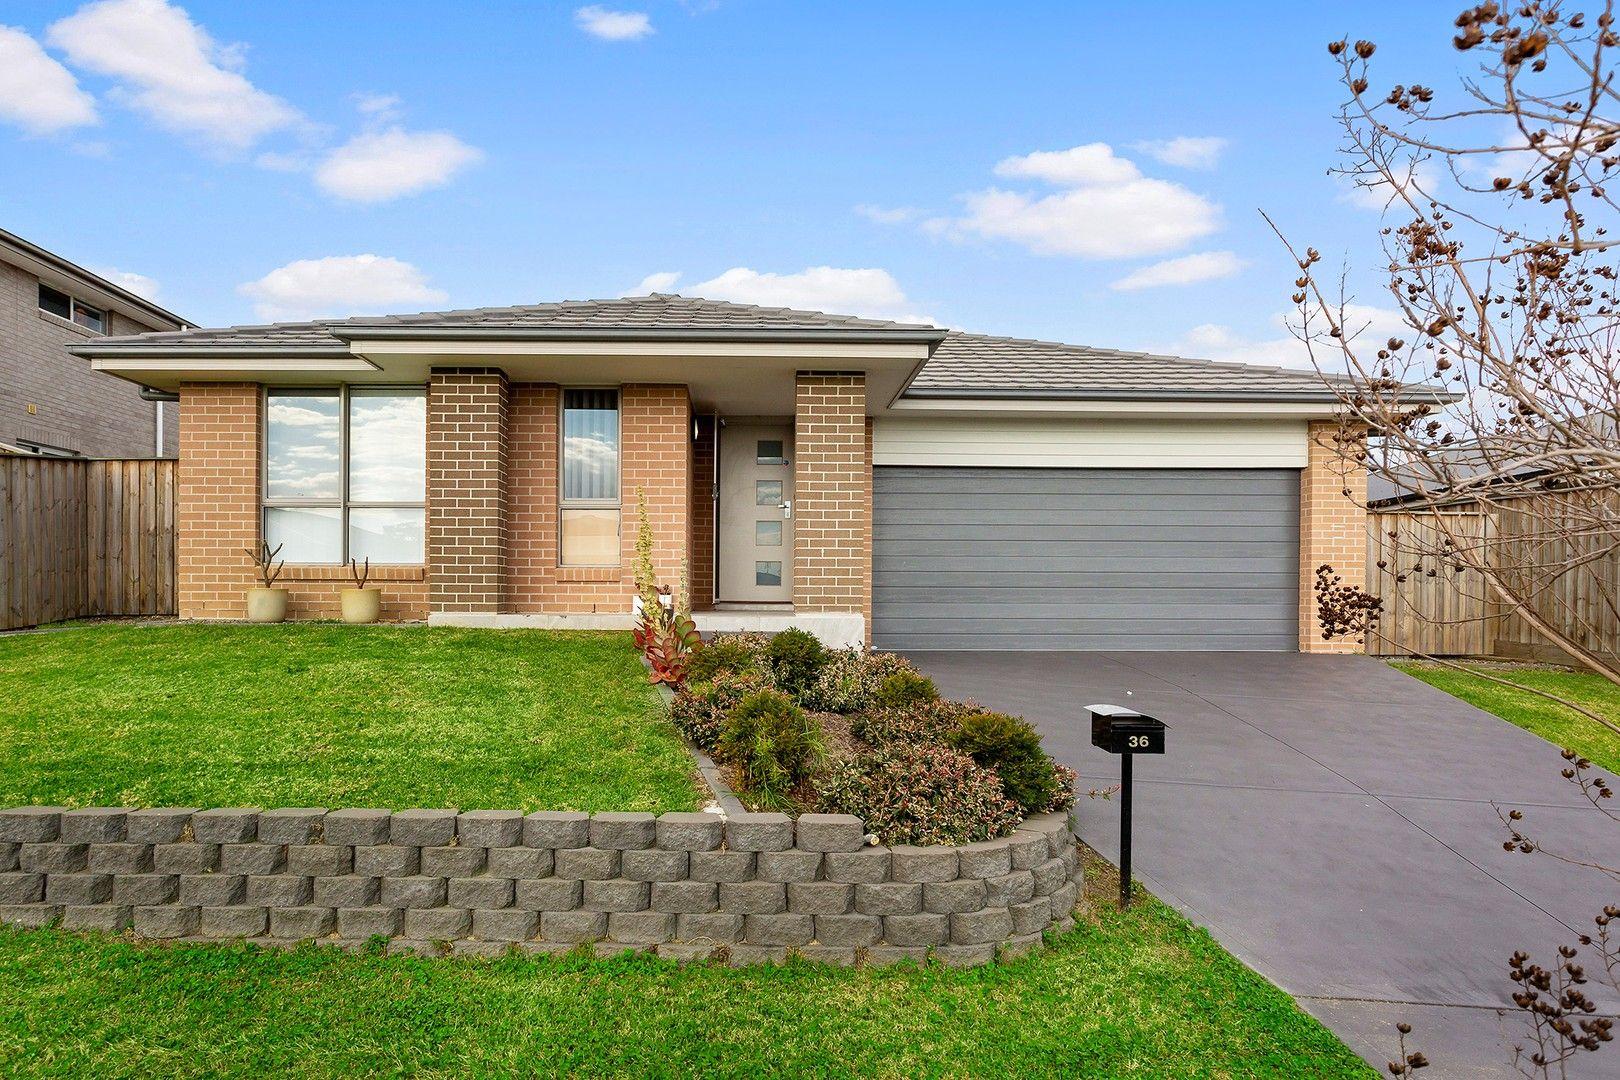 36 Mountain Street, Chisholm NSW 2322, Image 0